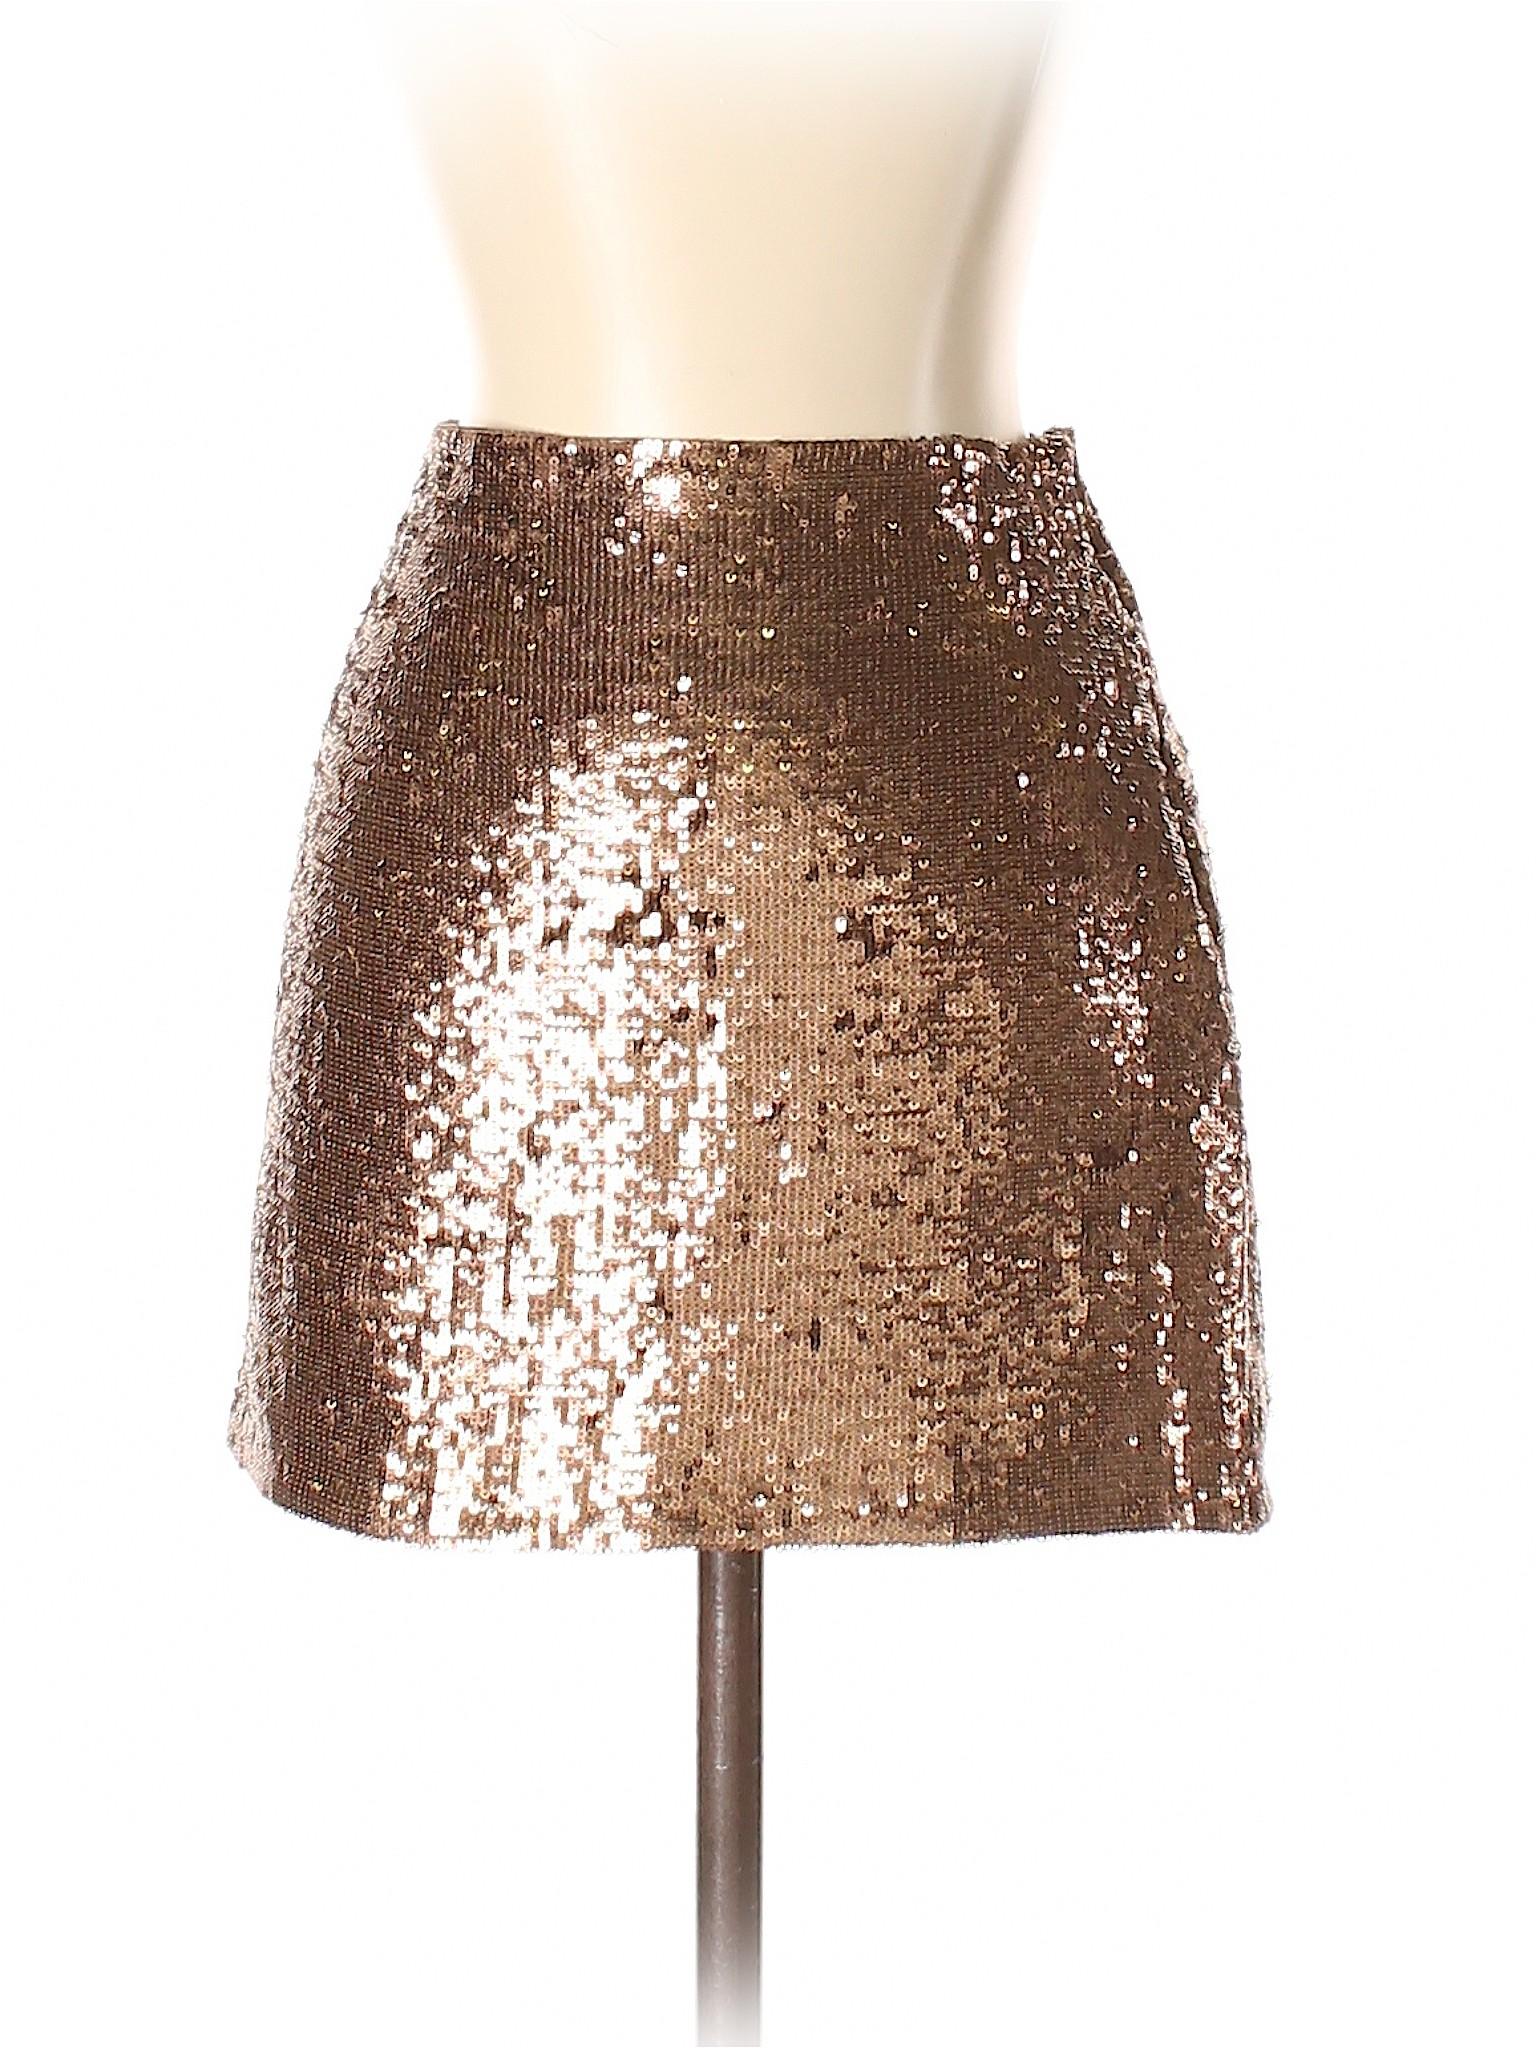 Silk Silk Silk Boutique Boutique Silk Skirt Skirt Boutique Skirt Silk Skirt Skirt Boutique Boutique Boutique XOUwqCxx